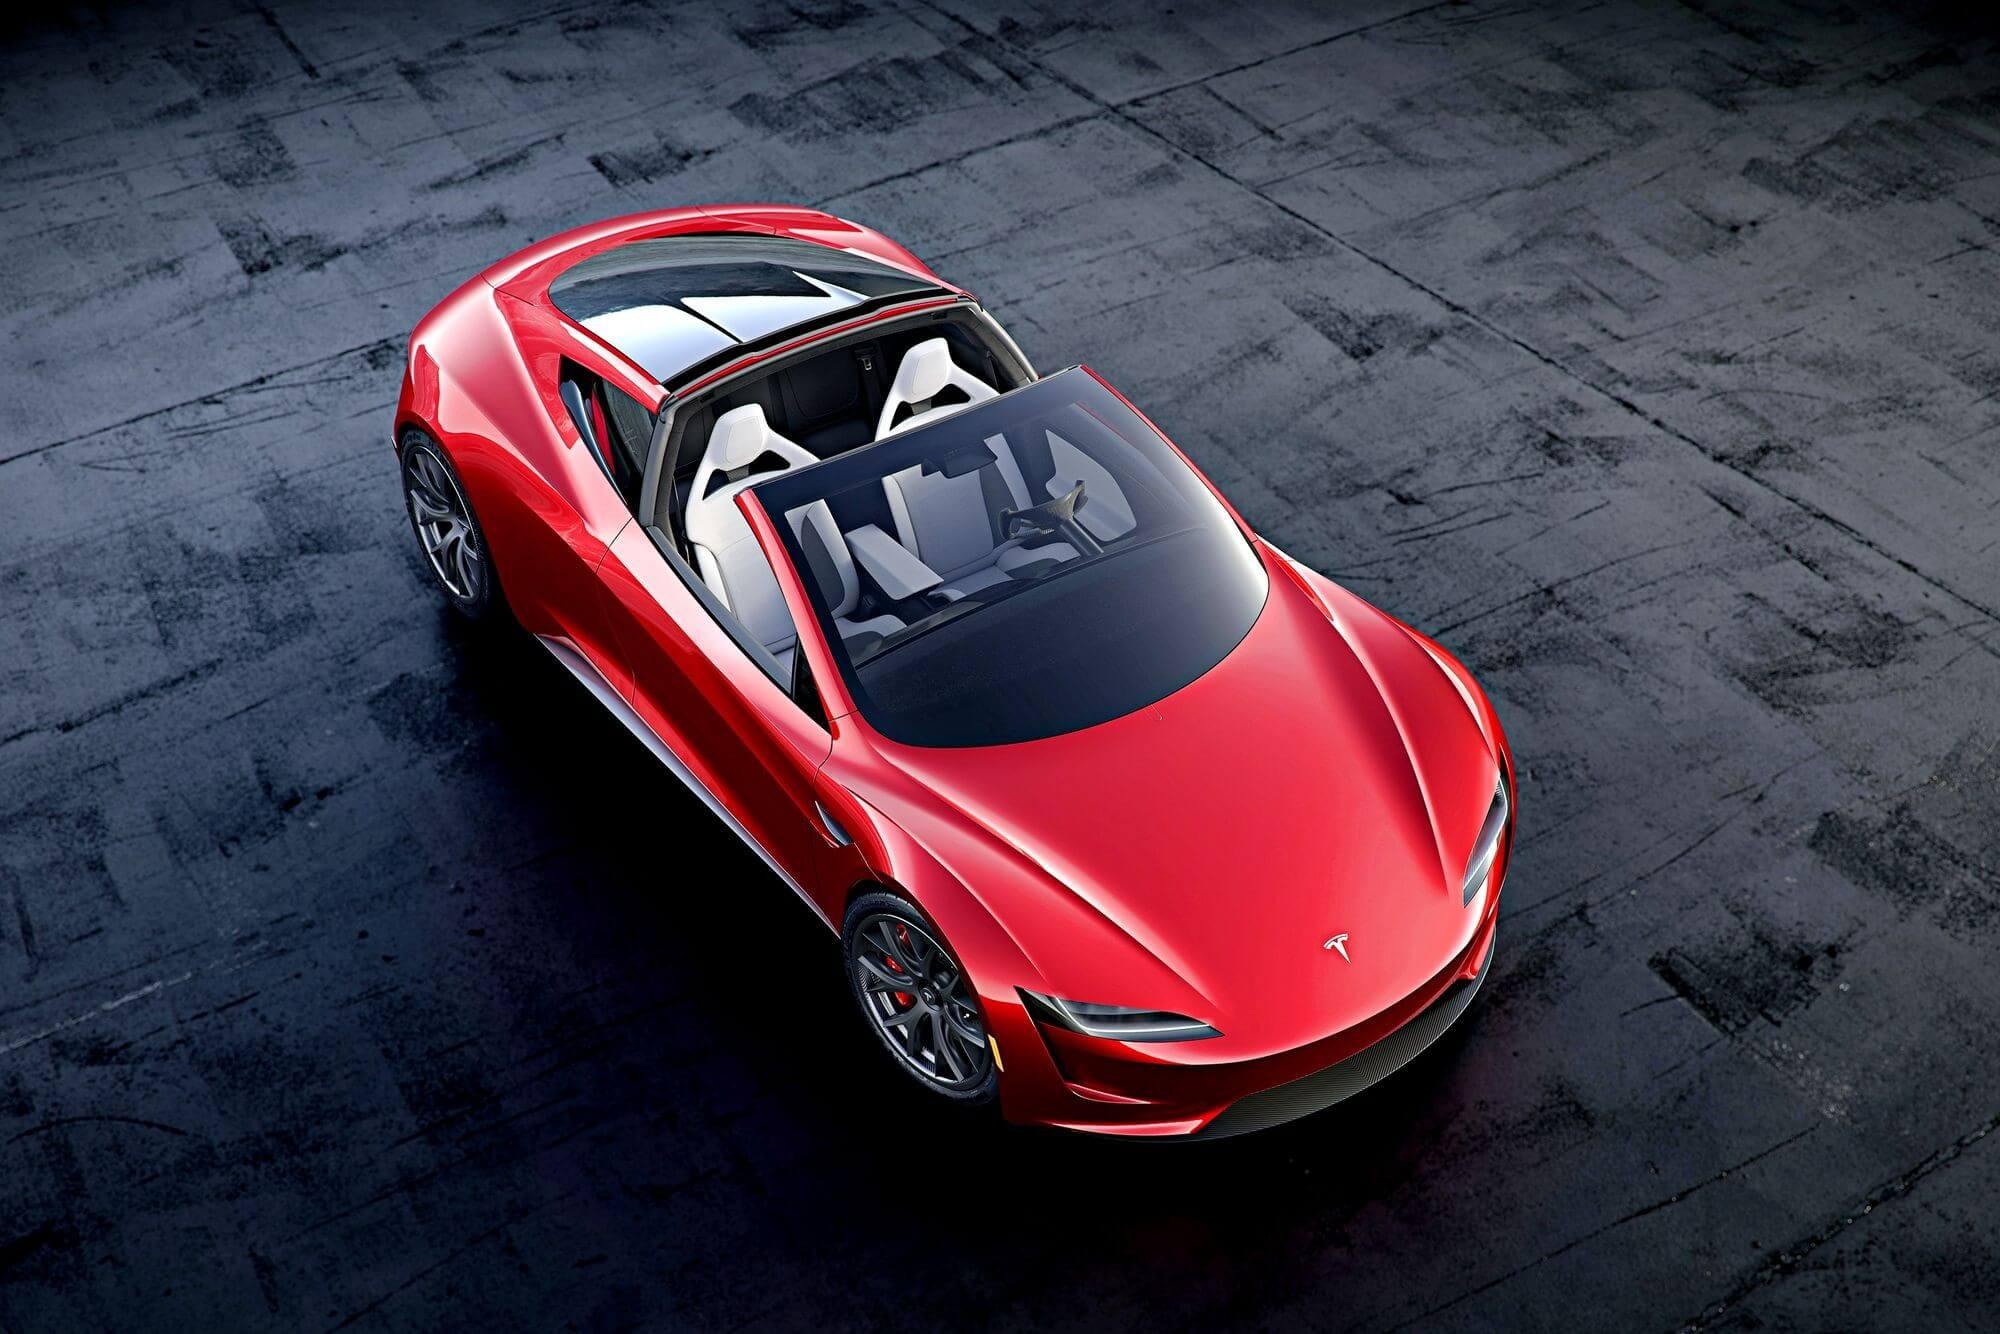 Теперь не сладко: выпуск нового родстера Tesla откладывается на неопределенное время